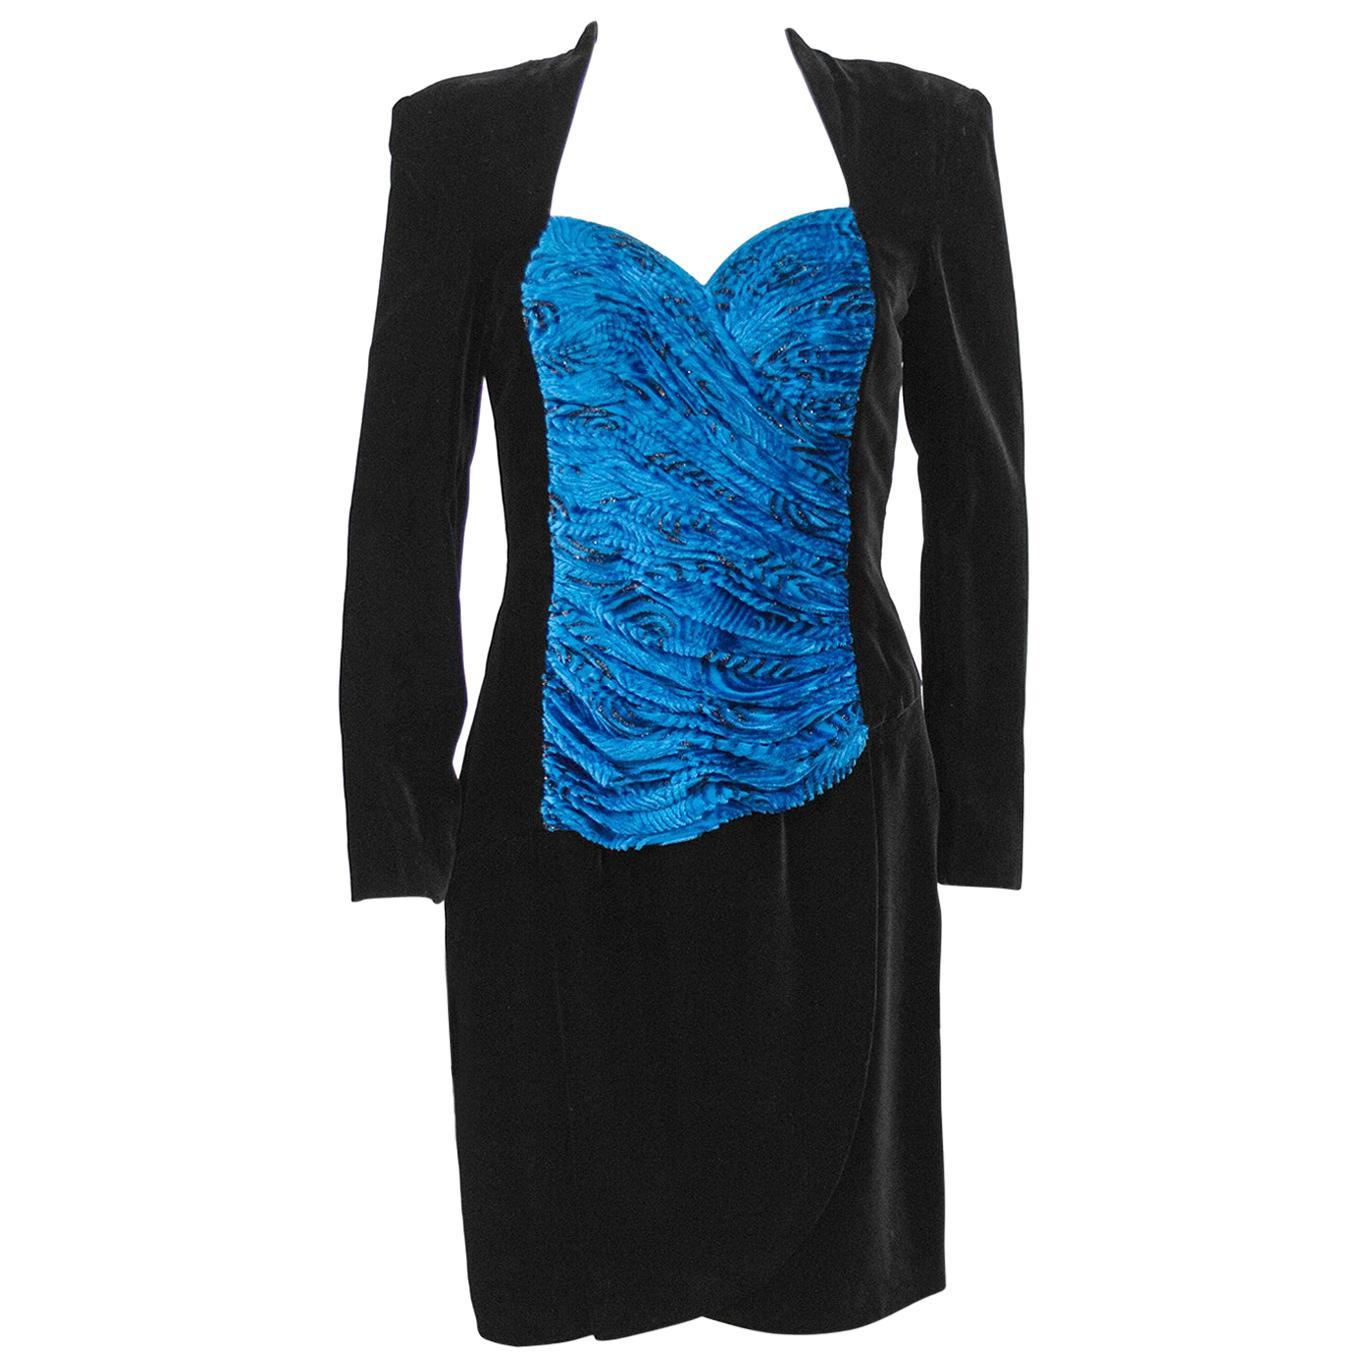 1980s Black Velvet Vicky Tiel Cocktail Dress with Royal Blue Bodice